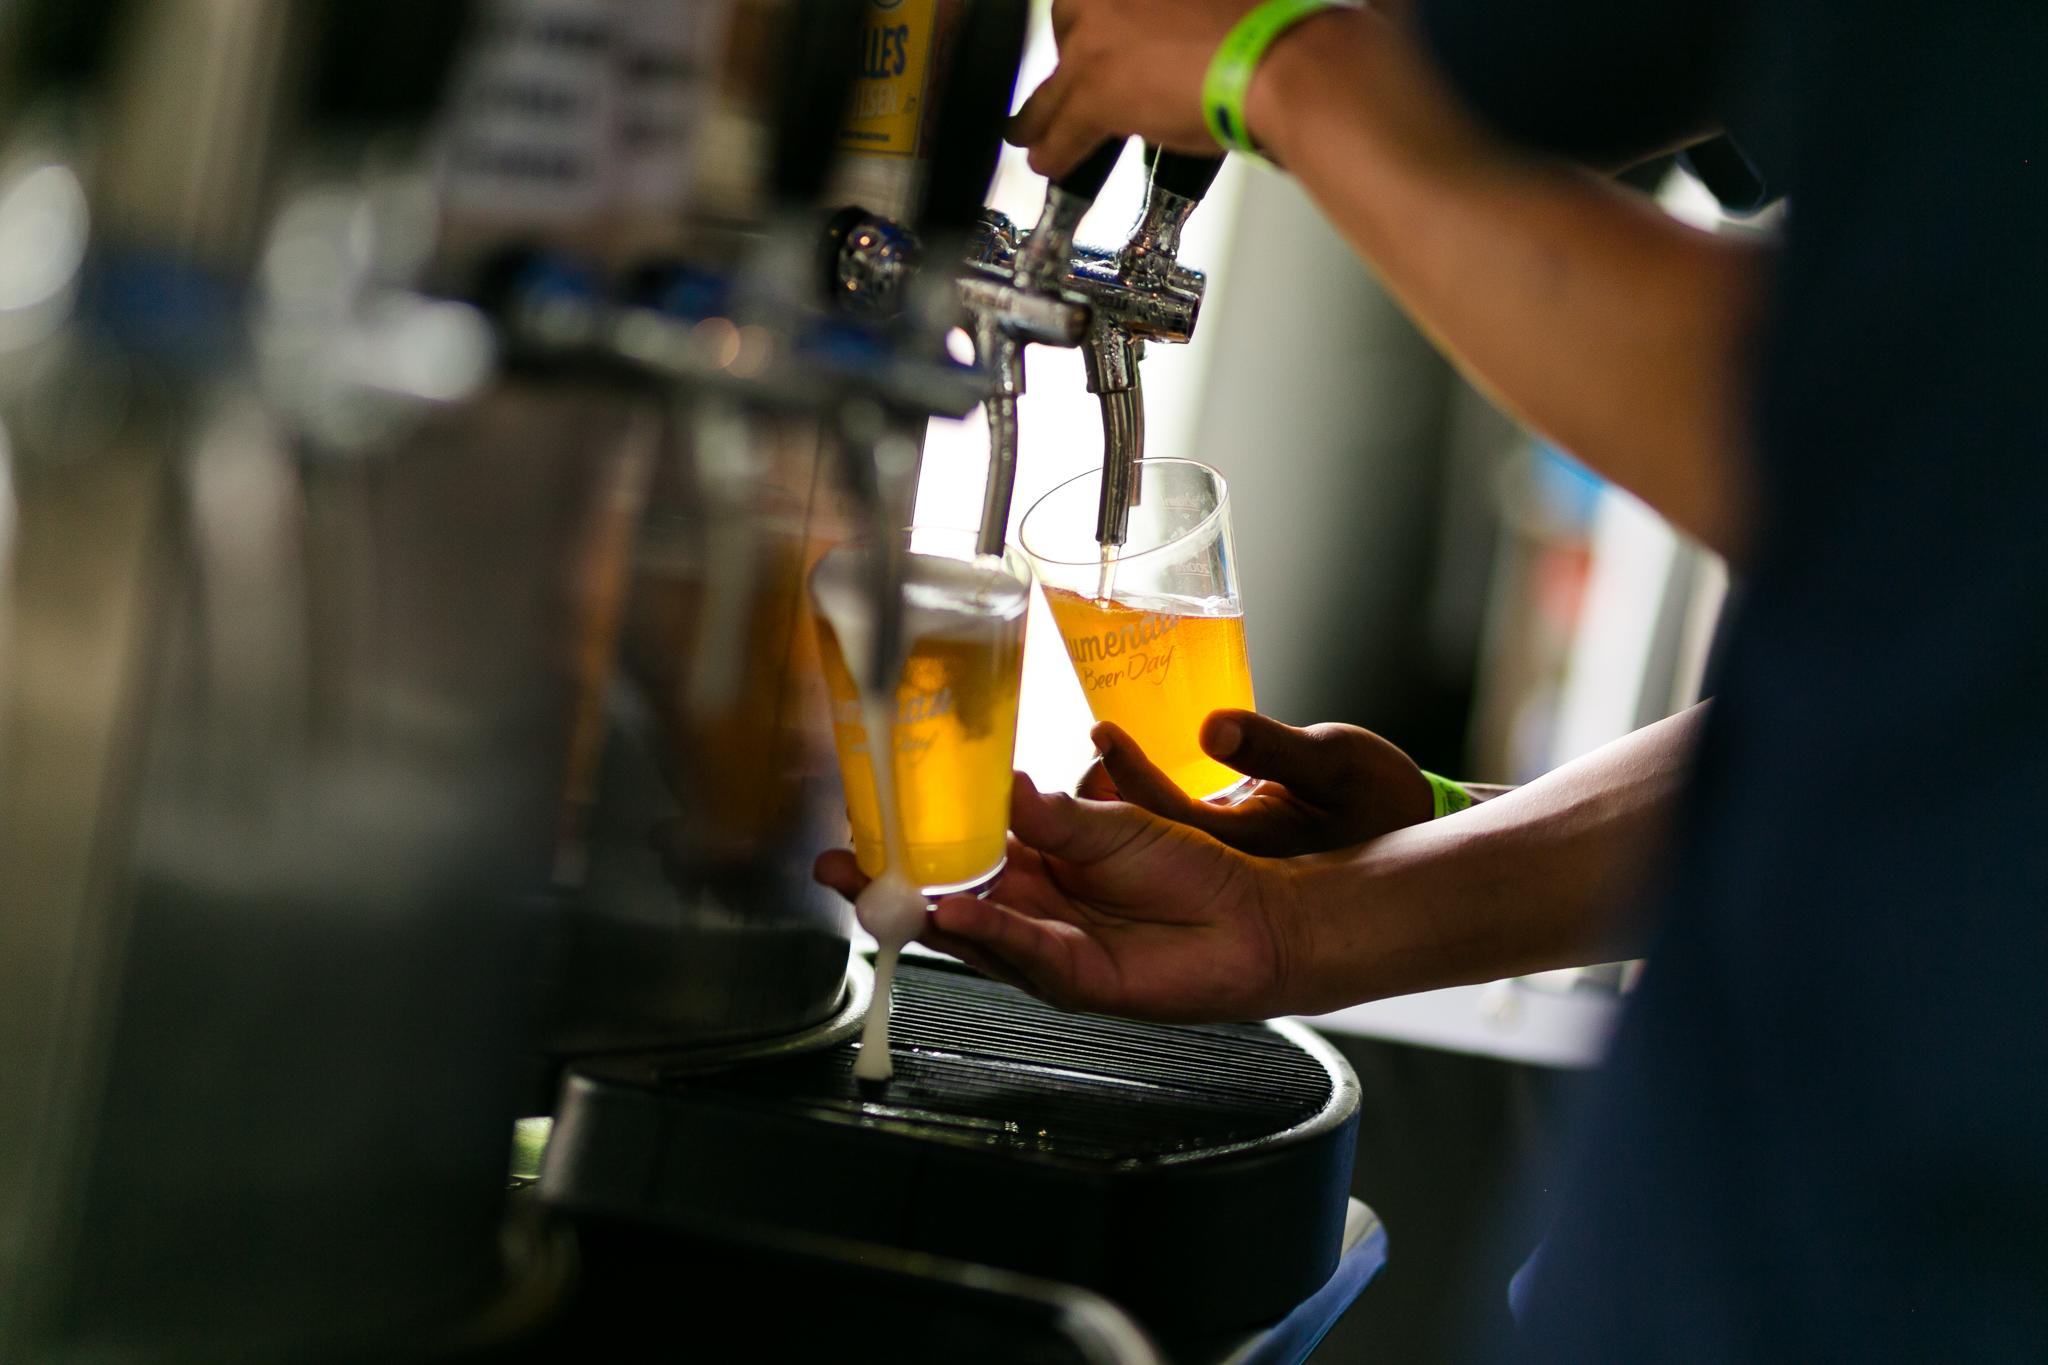 Primeira edição de evento inédito no Bar da Cerveja Blumenau tem chopes experimentais, música e gastronomia